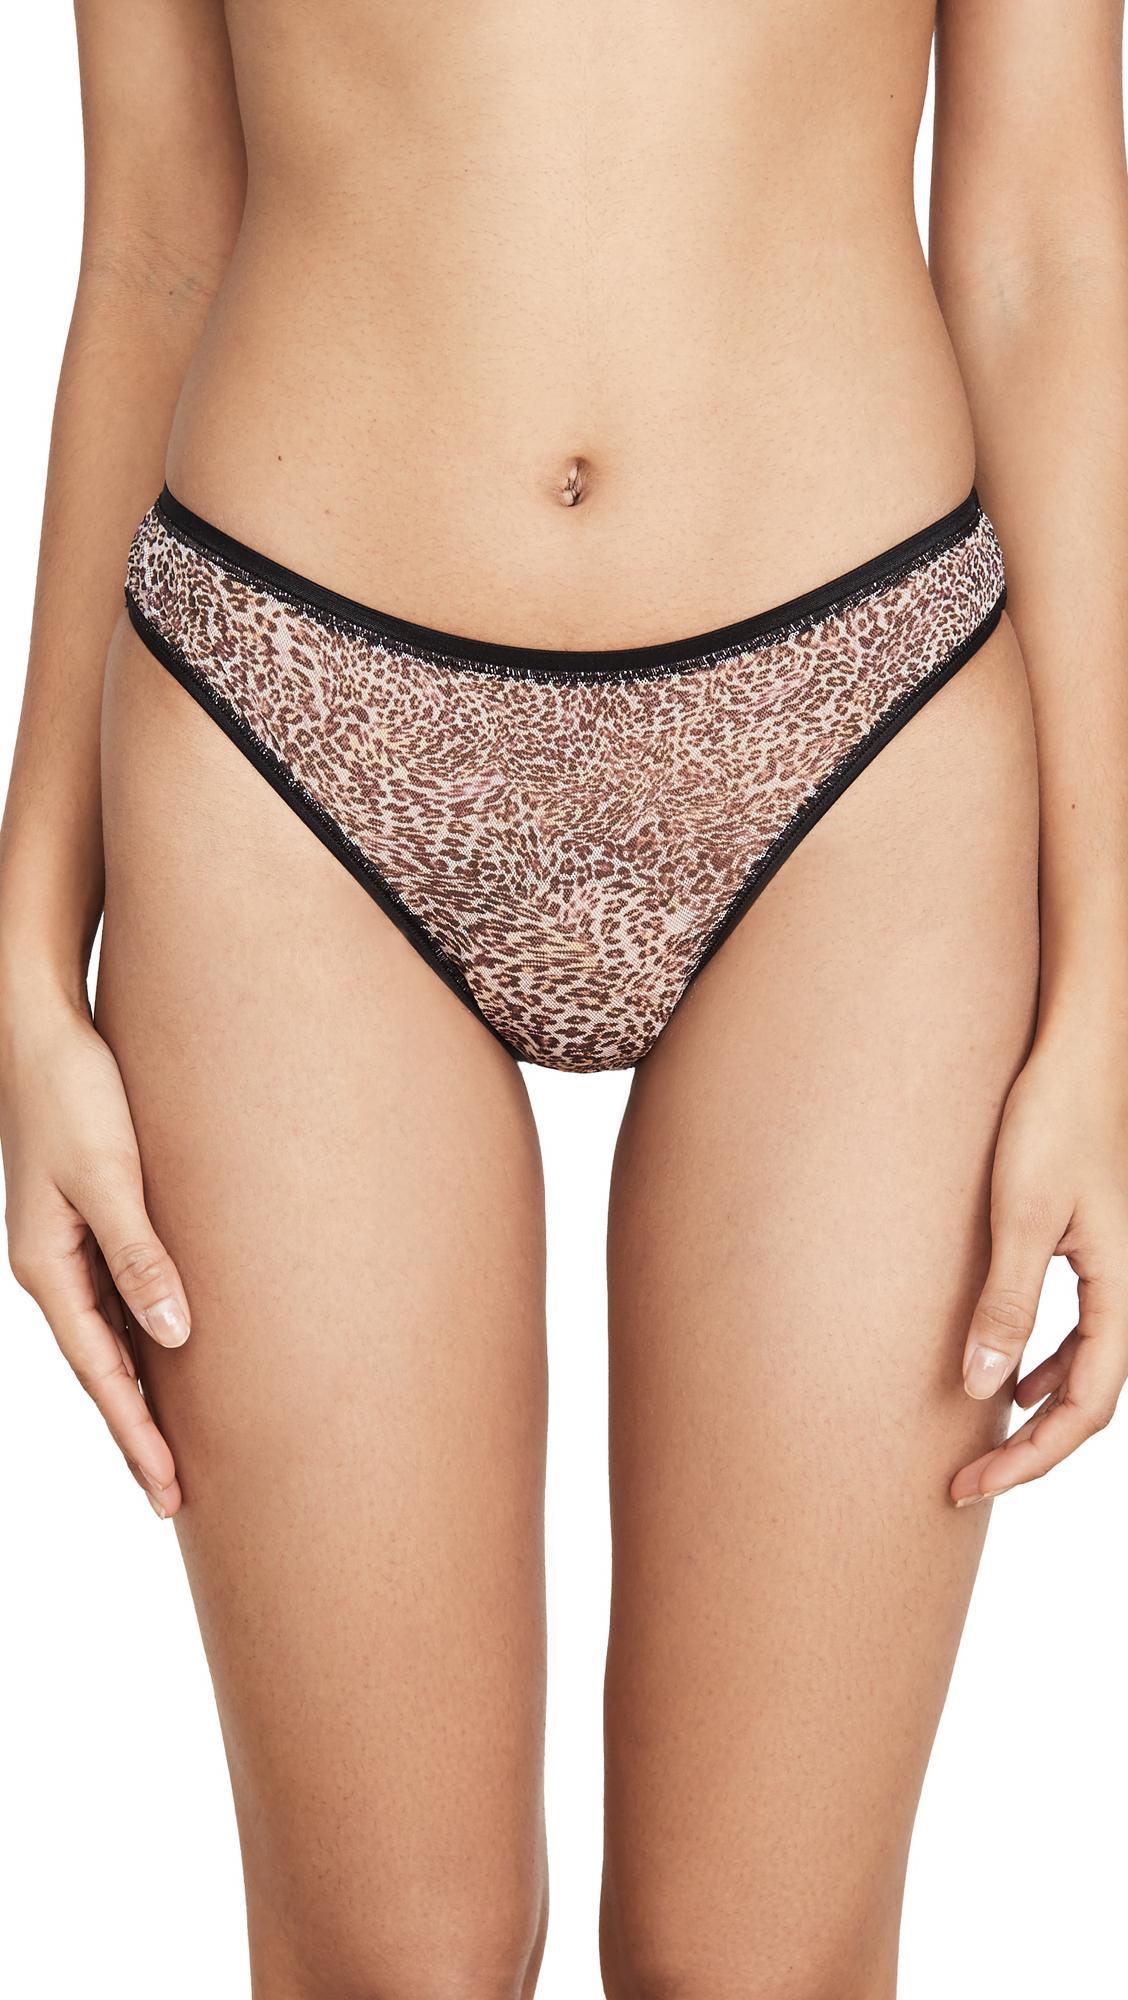 Cosabella Soire Confidence Brazilian Bikini Briefs